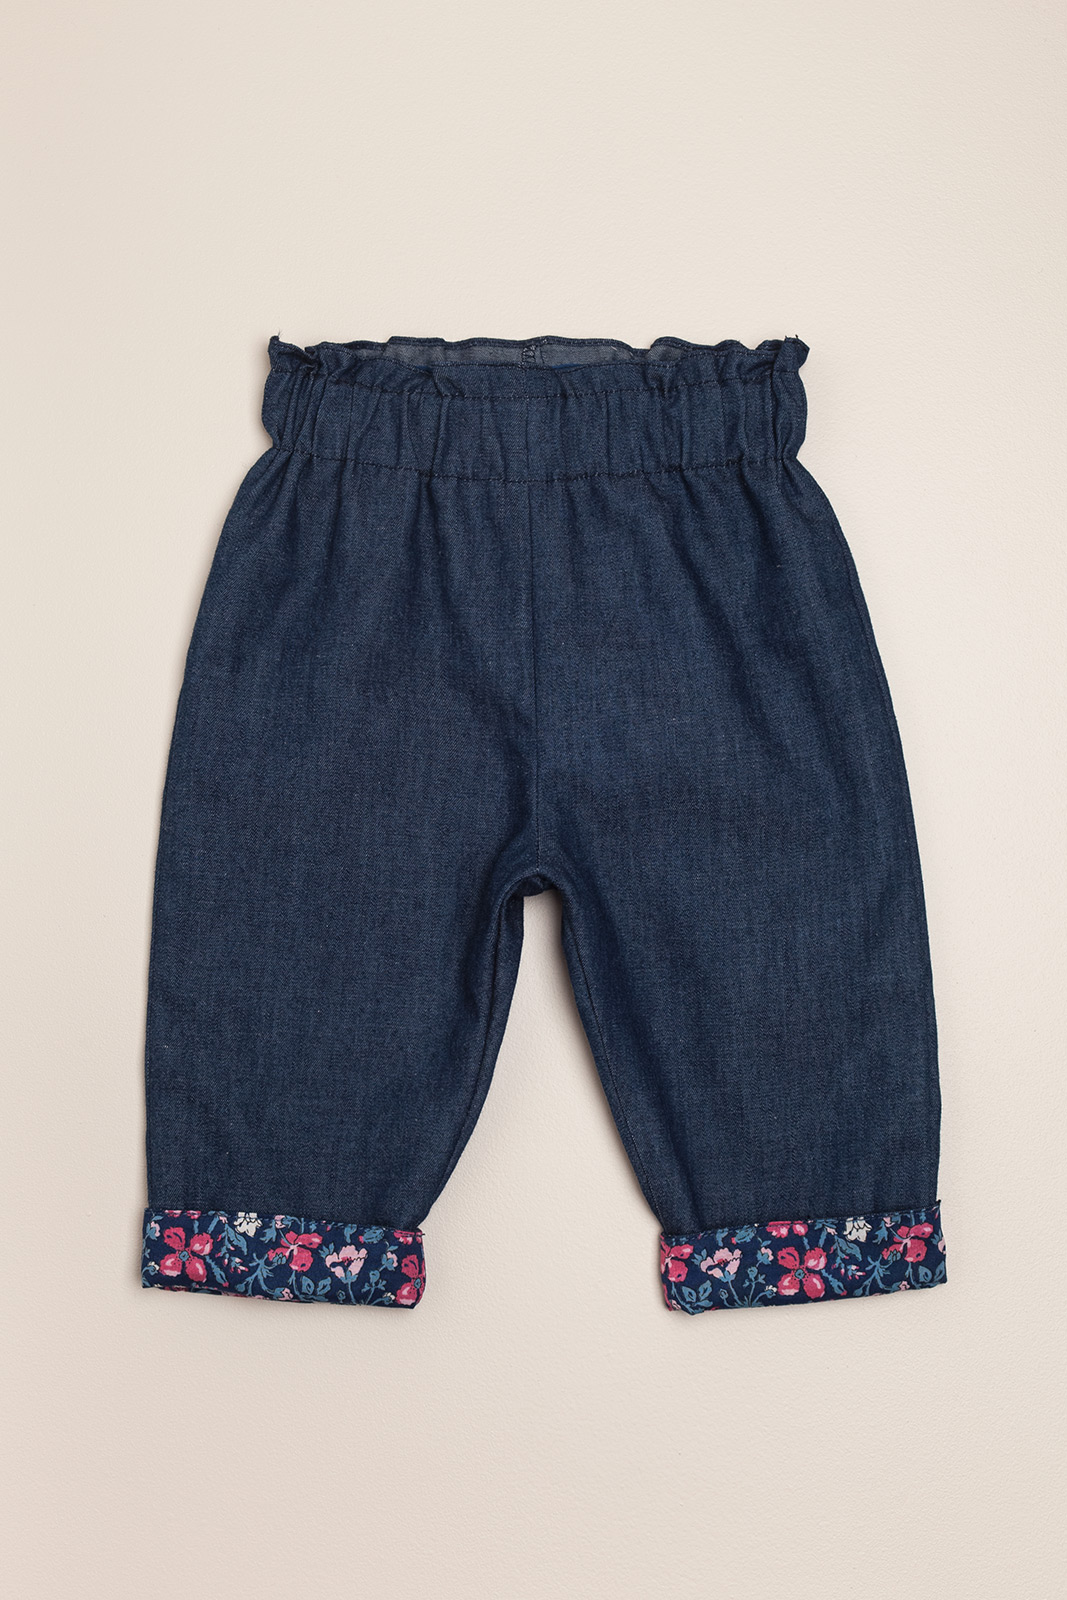 Pantalon de jeans con liberty Male